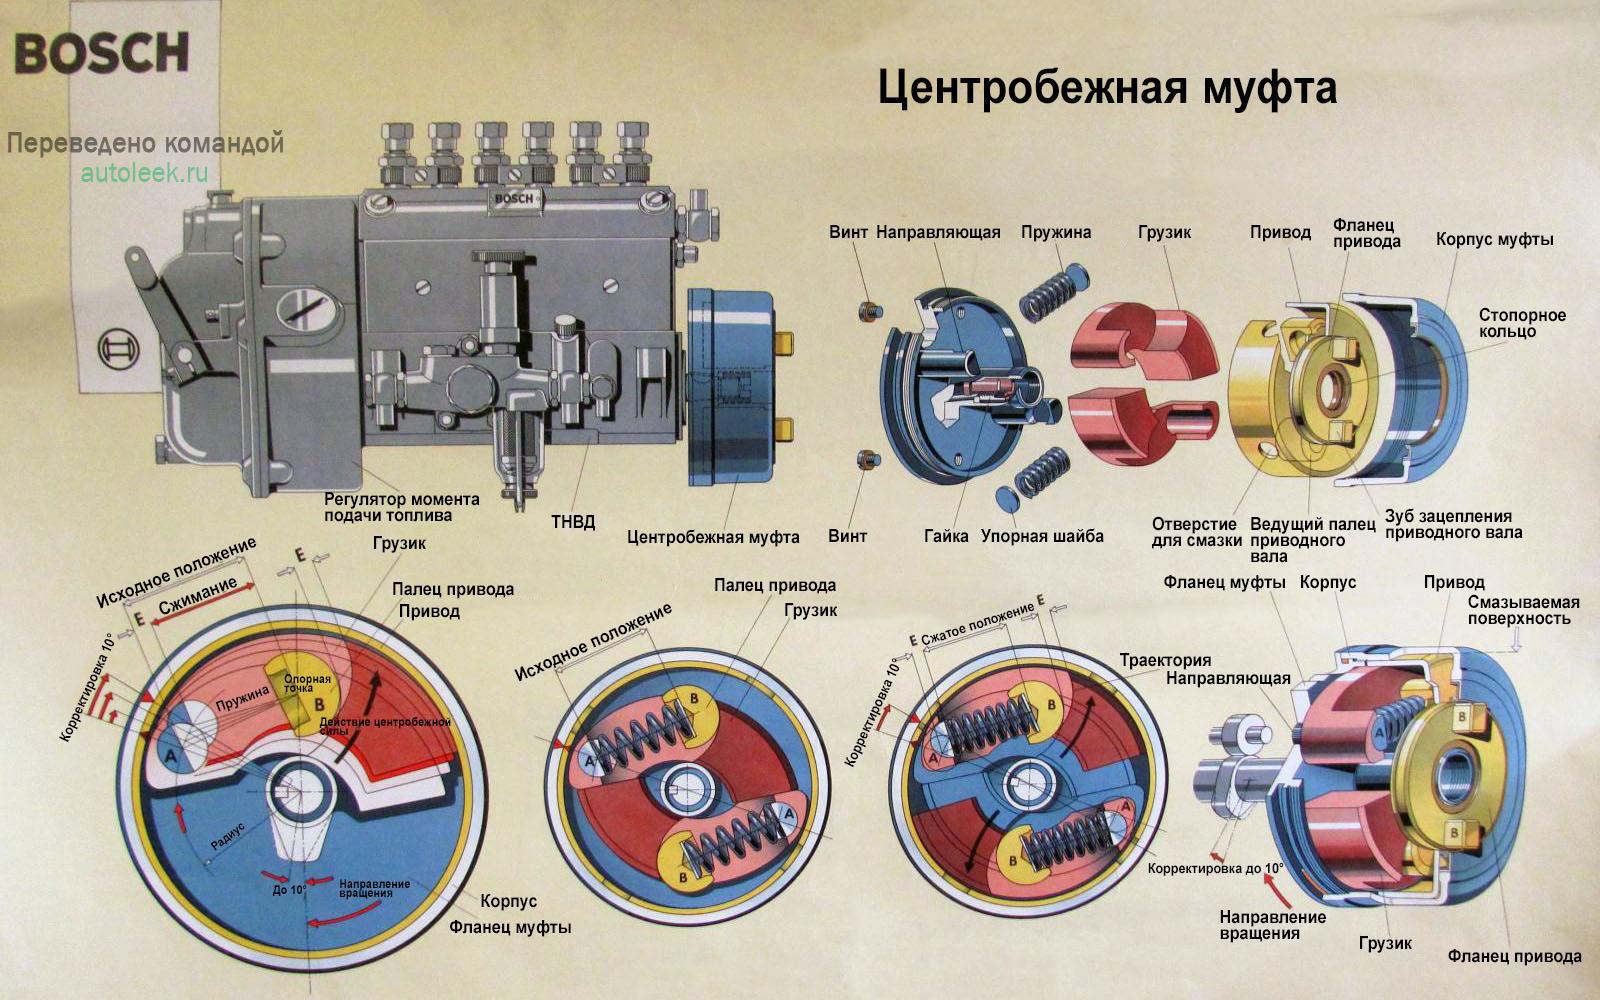 Схема центробежной муфты